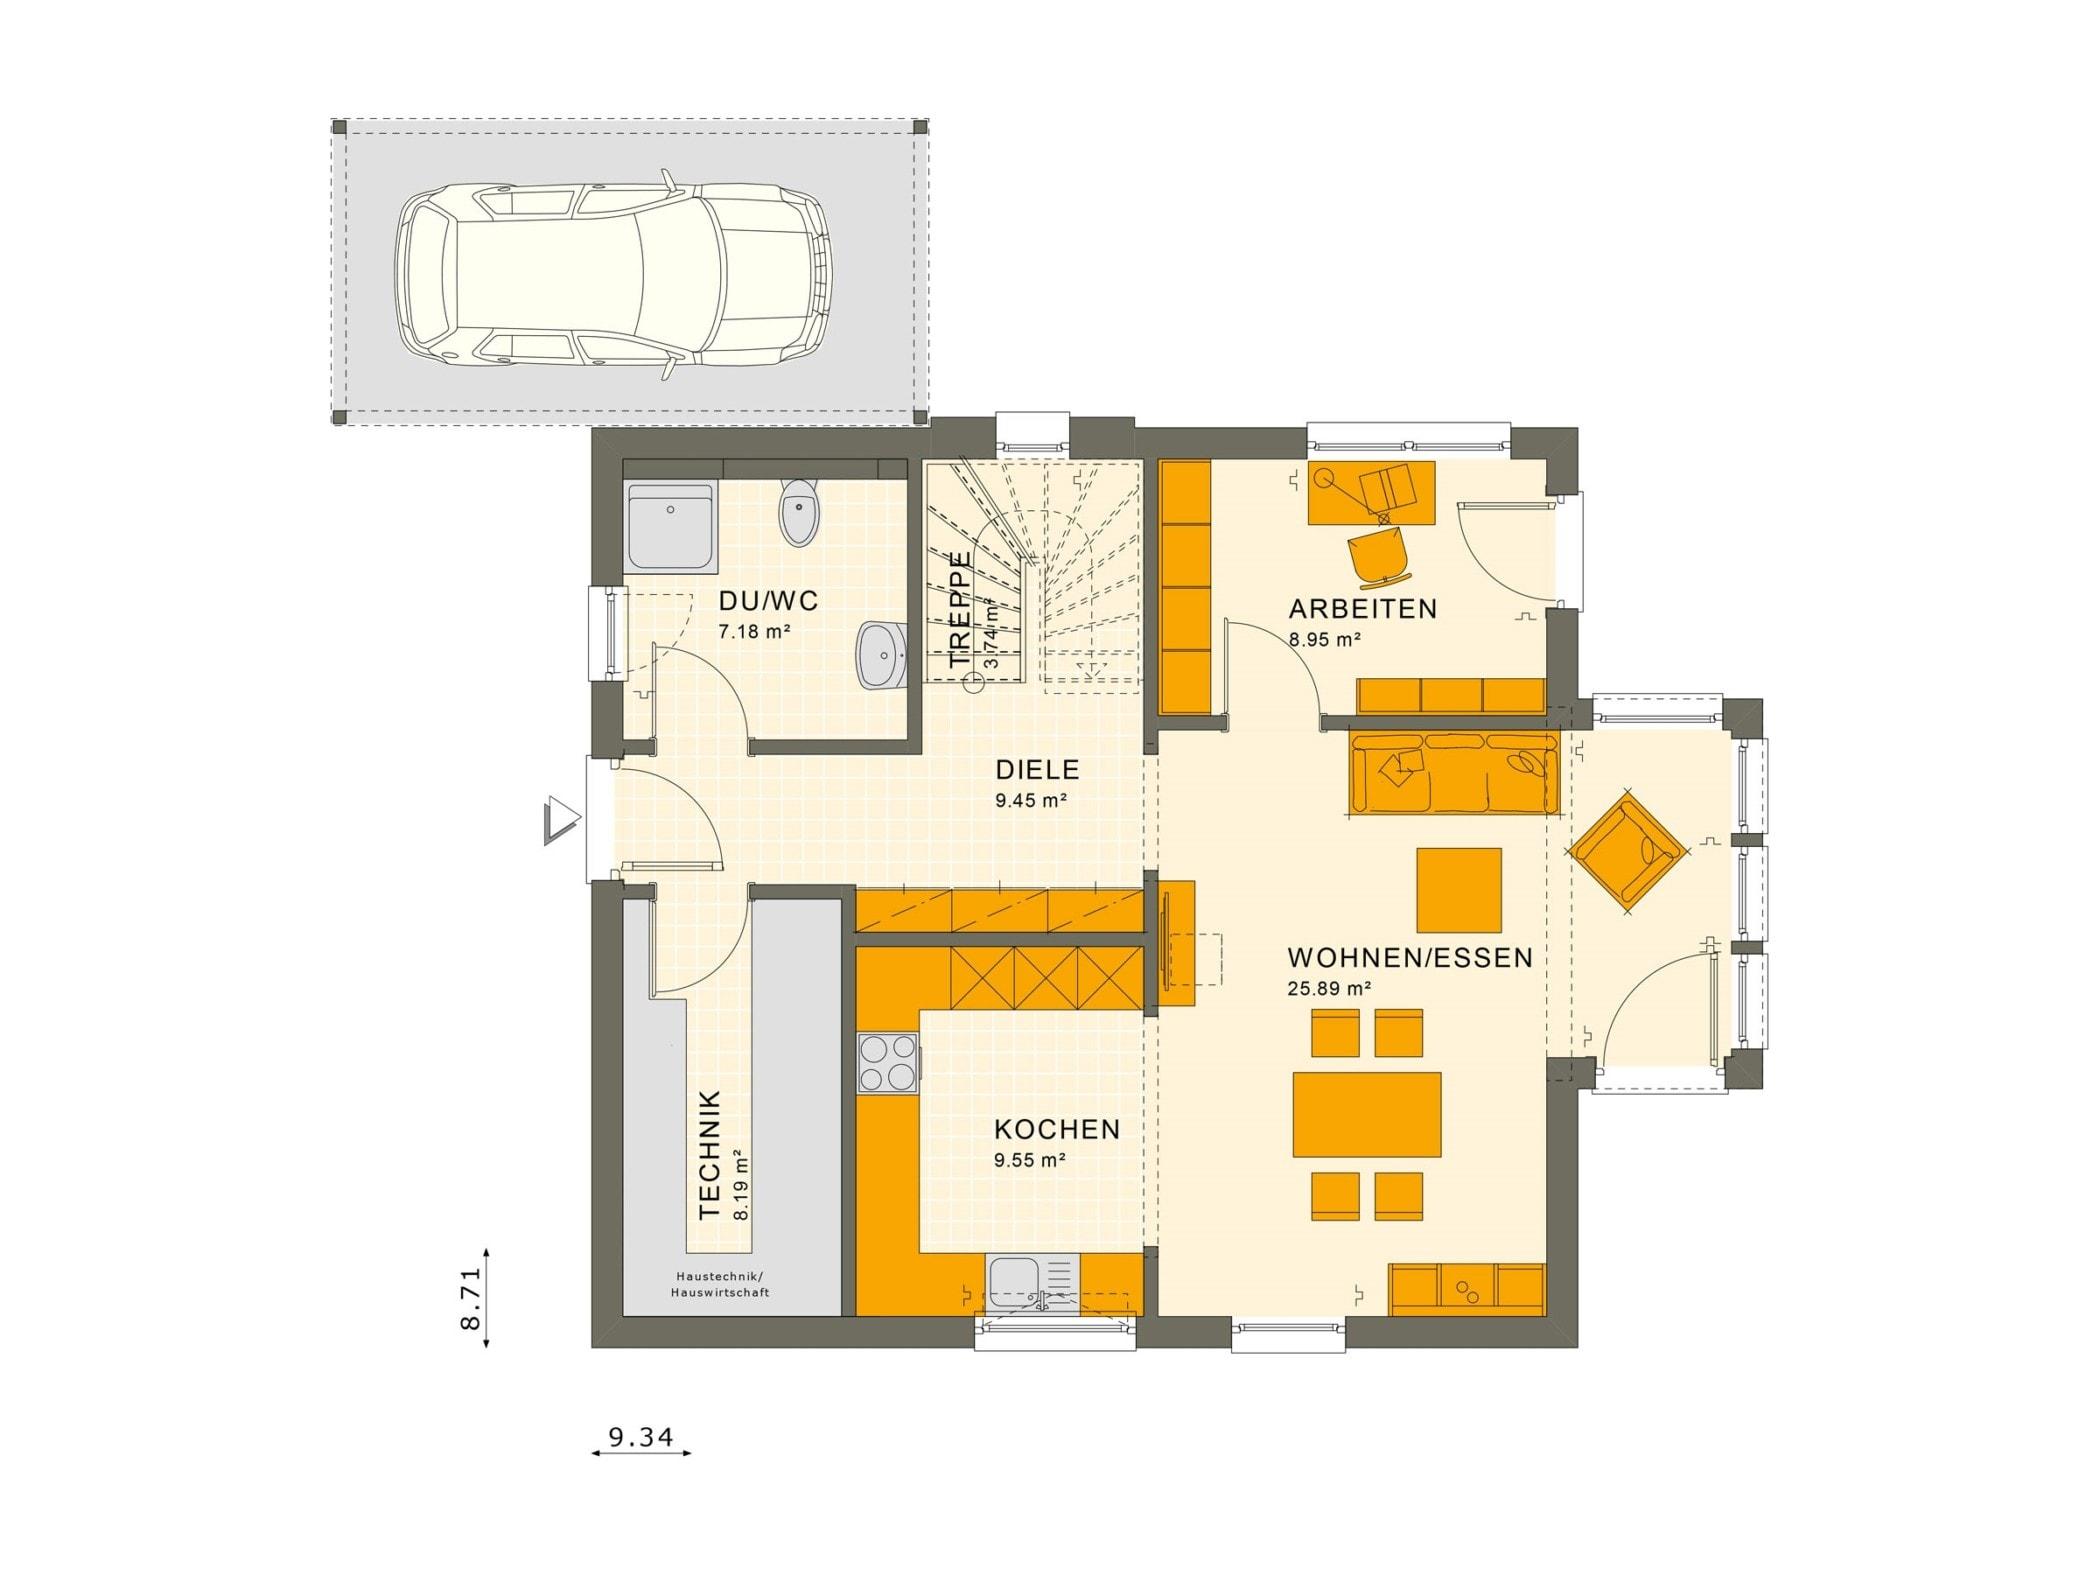 Einfamilienhaus Grundriss Erdgeschoss mit Carport & Wintergarten Erker, 5 Zimmer, 135 qm - Fertighaus Living Haus SUNSHINE 136 V5 - HausbauDirekt.de